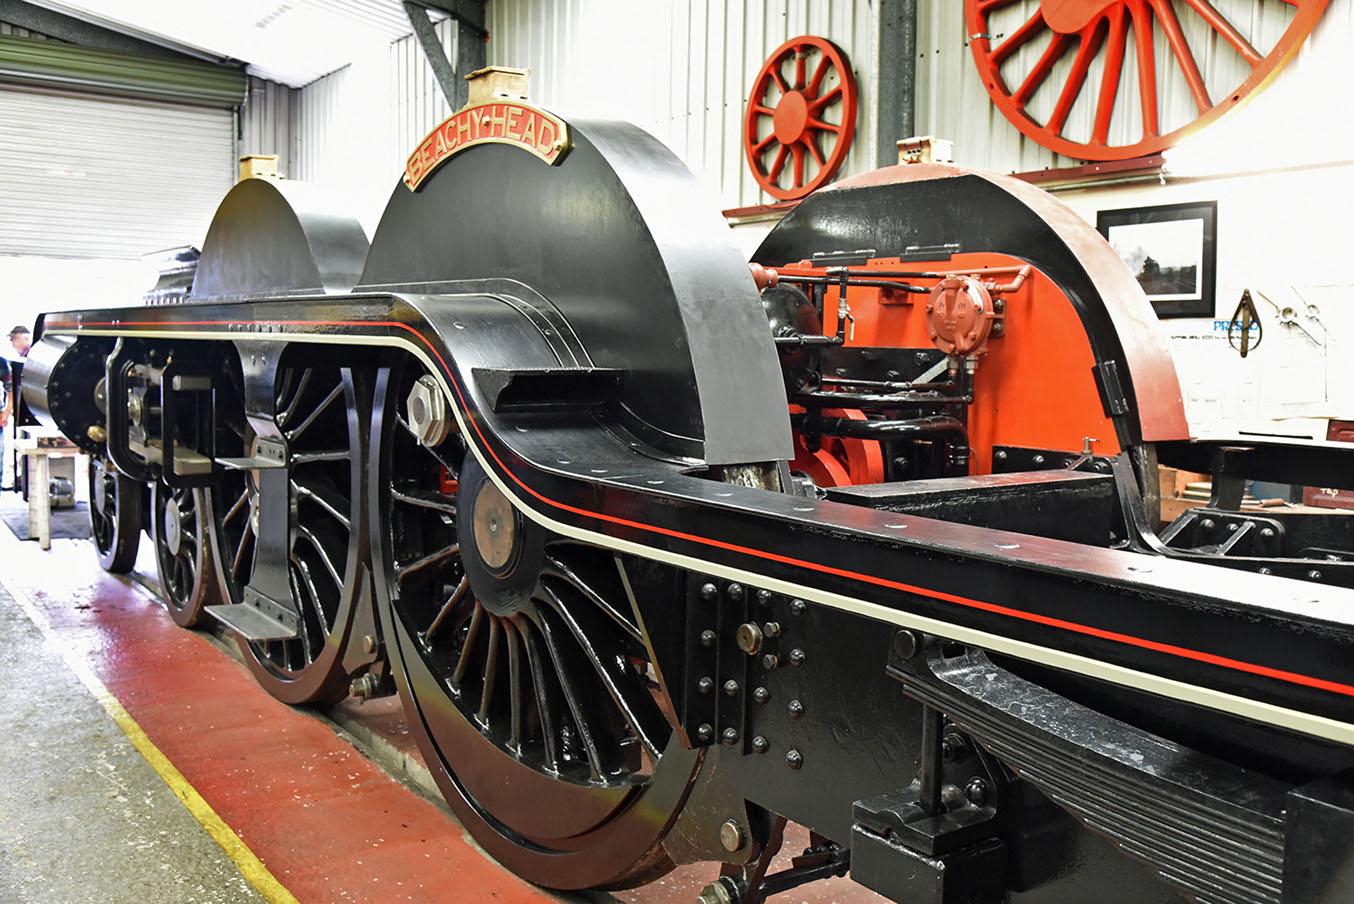 http://www.bluebell-railway.co.uk/bluebell/pic2/wn/2015b/atlantic_brianl4178_13jun15h.jpg